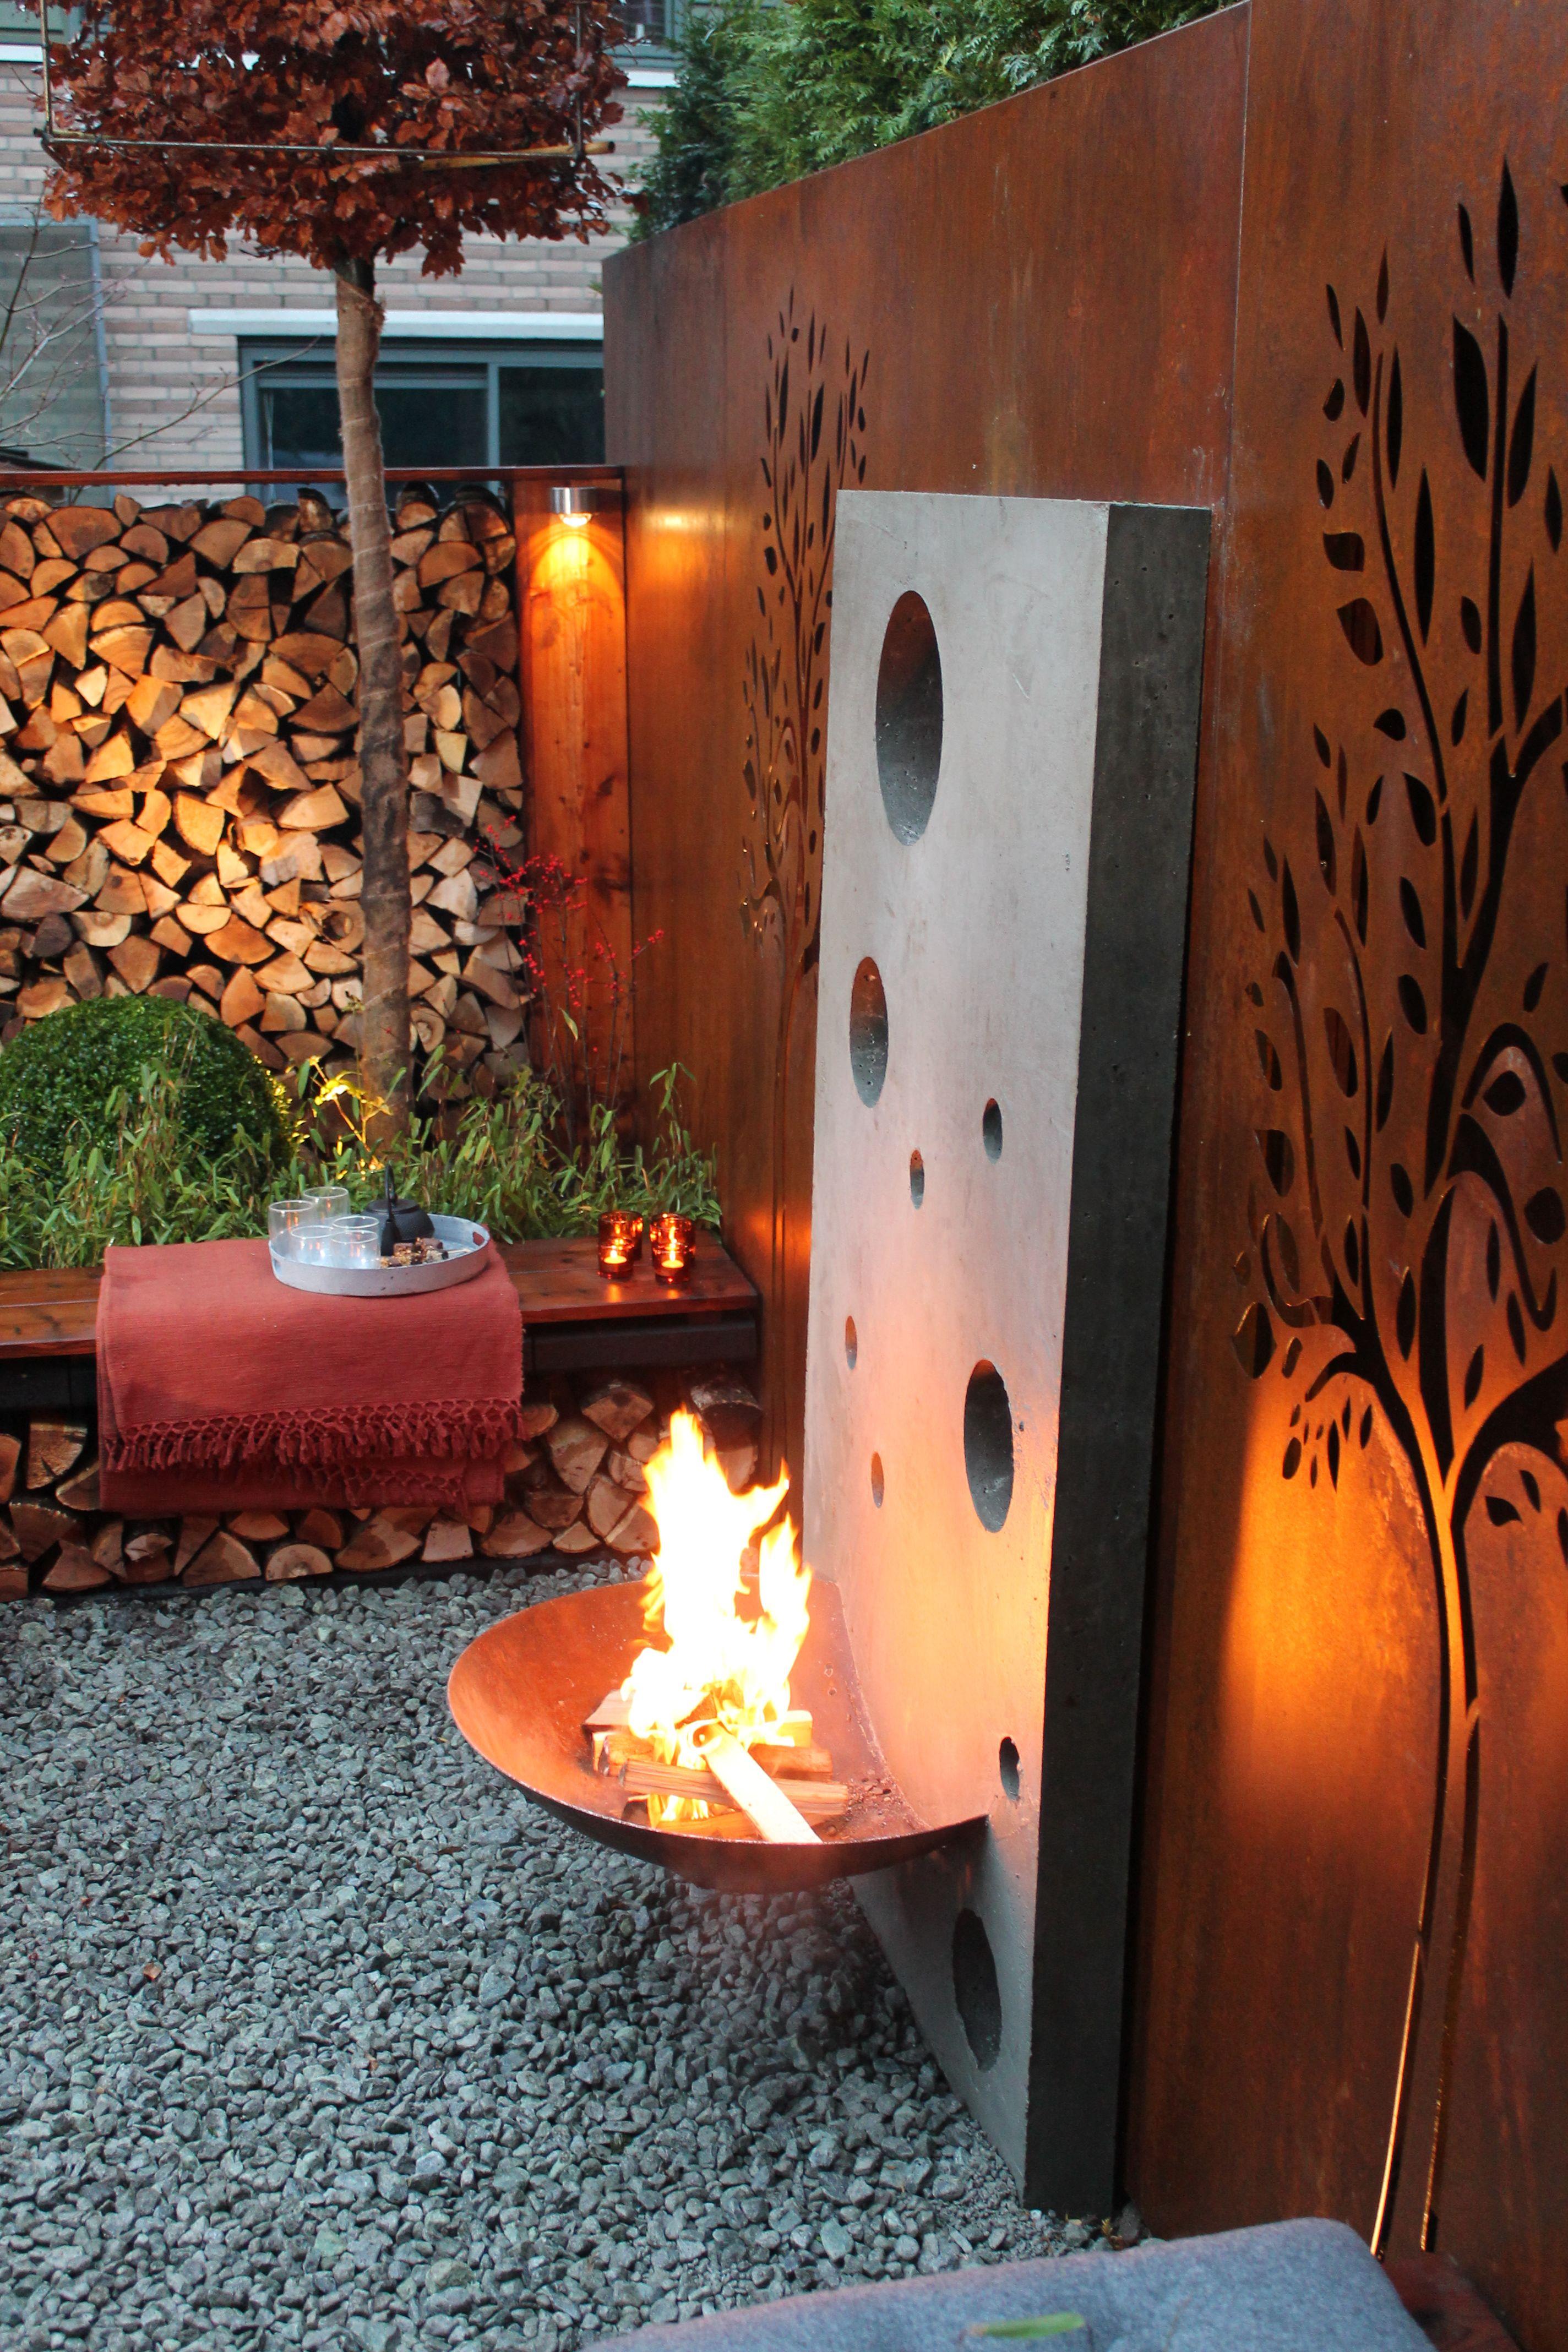 Tuinen gardens ontwerp design lodewijk hoekstra u huib